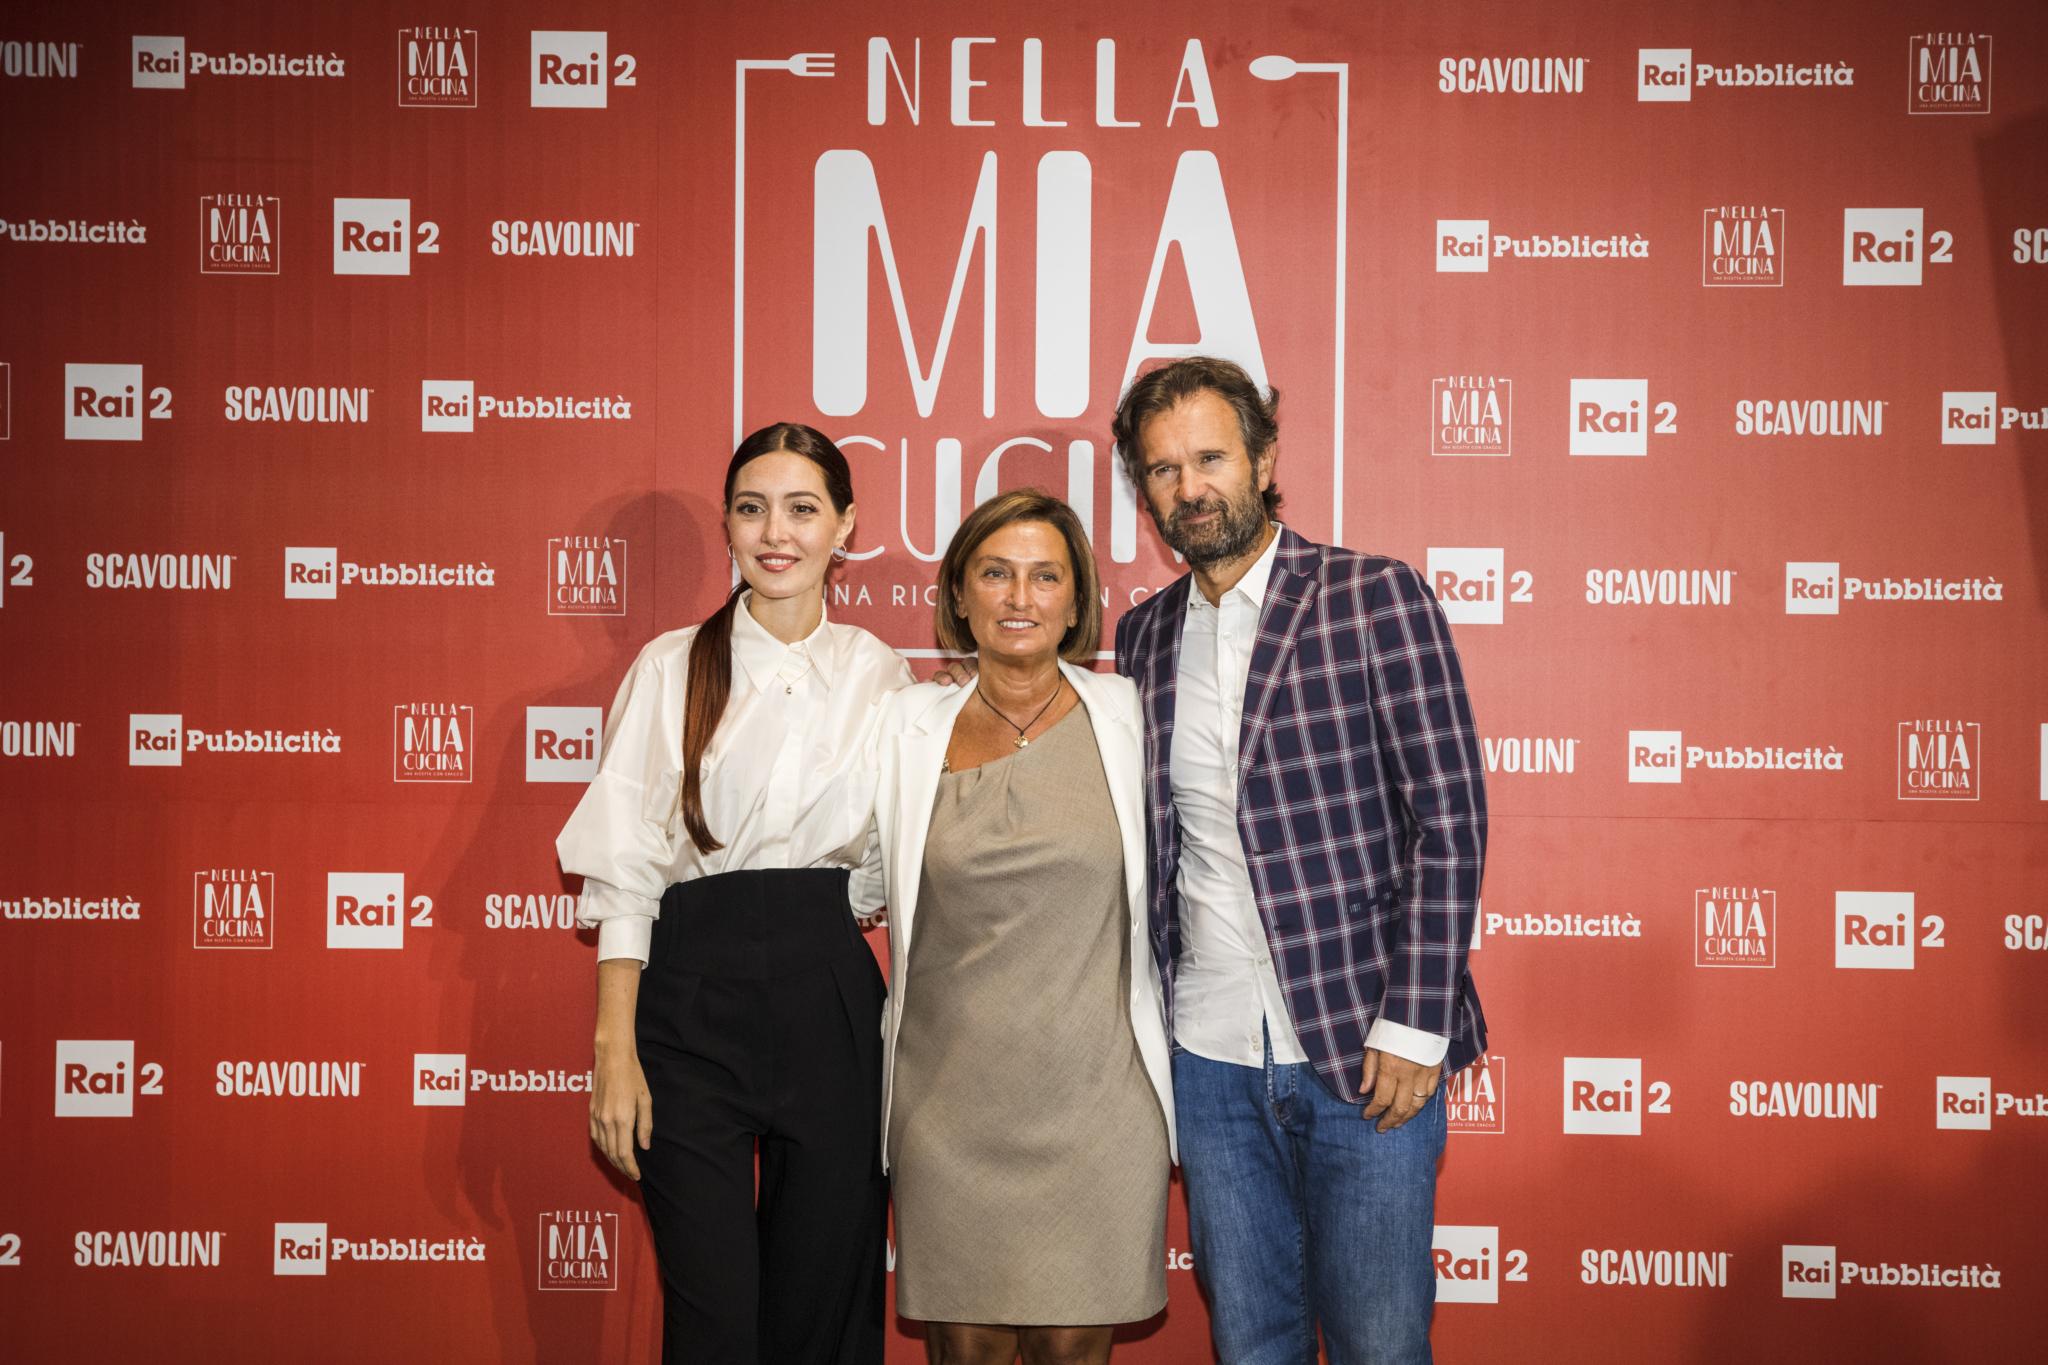 """Carlo Cracco torna in tv su Rai2 con """"La mia cucina"""" (e Camihawke)"""